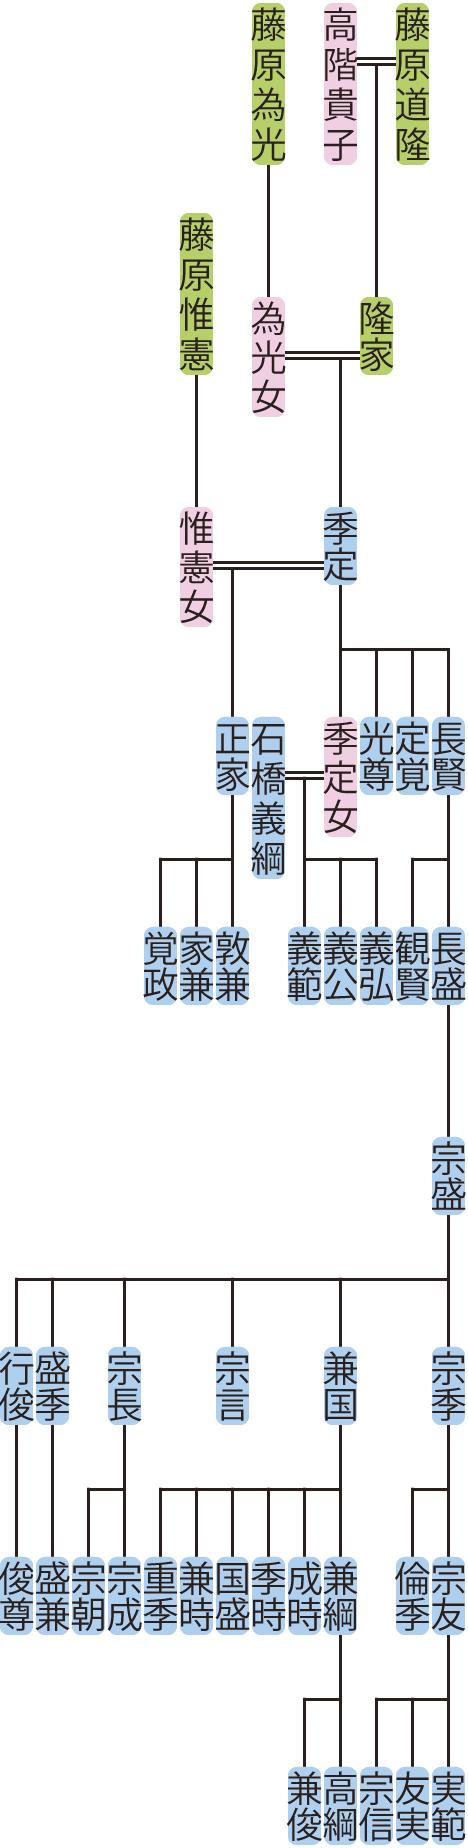 藤原季定の系図